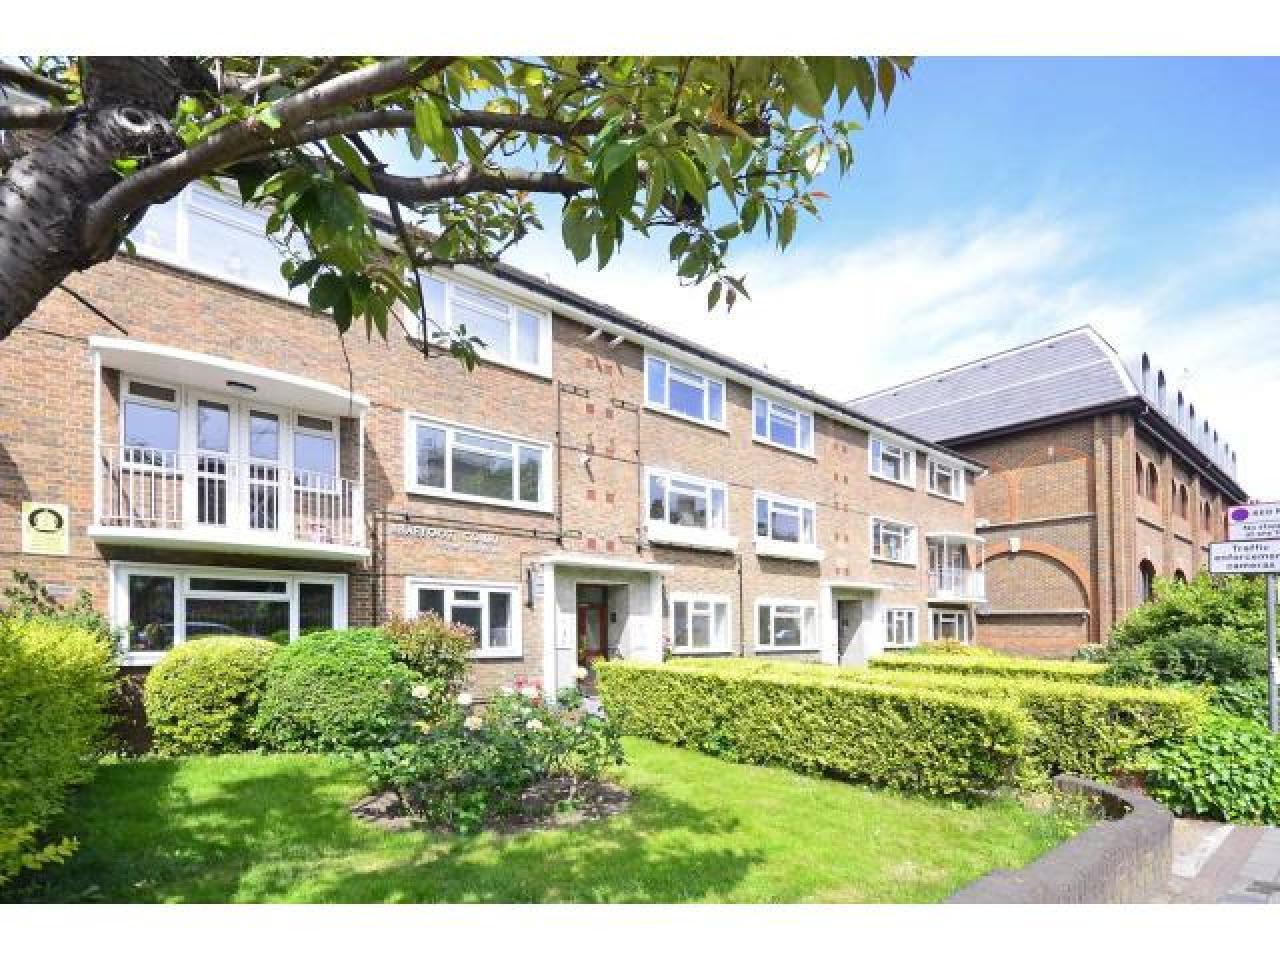 Сдается уютная single  комната в квартире в красивом и спокойном районе на Putney SW15 6AG. - 3